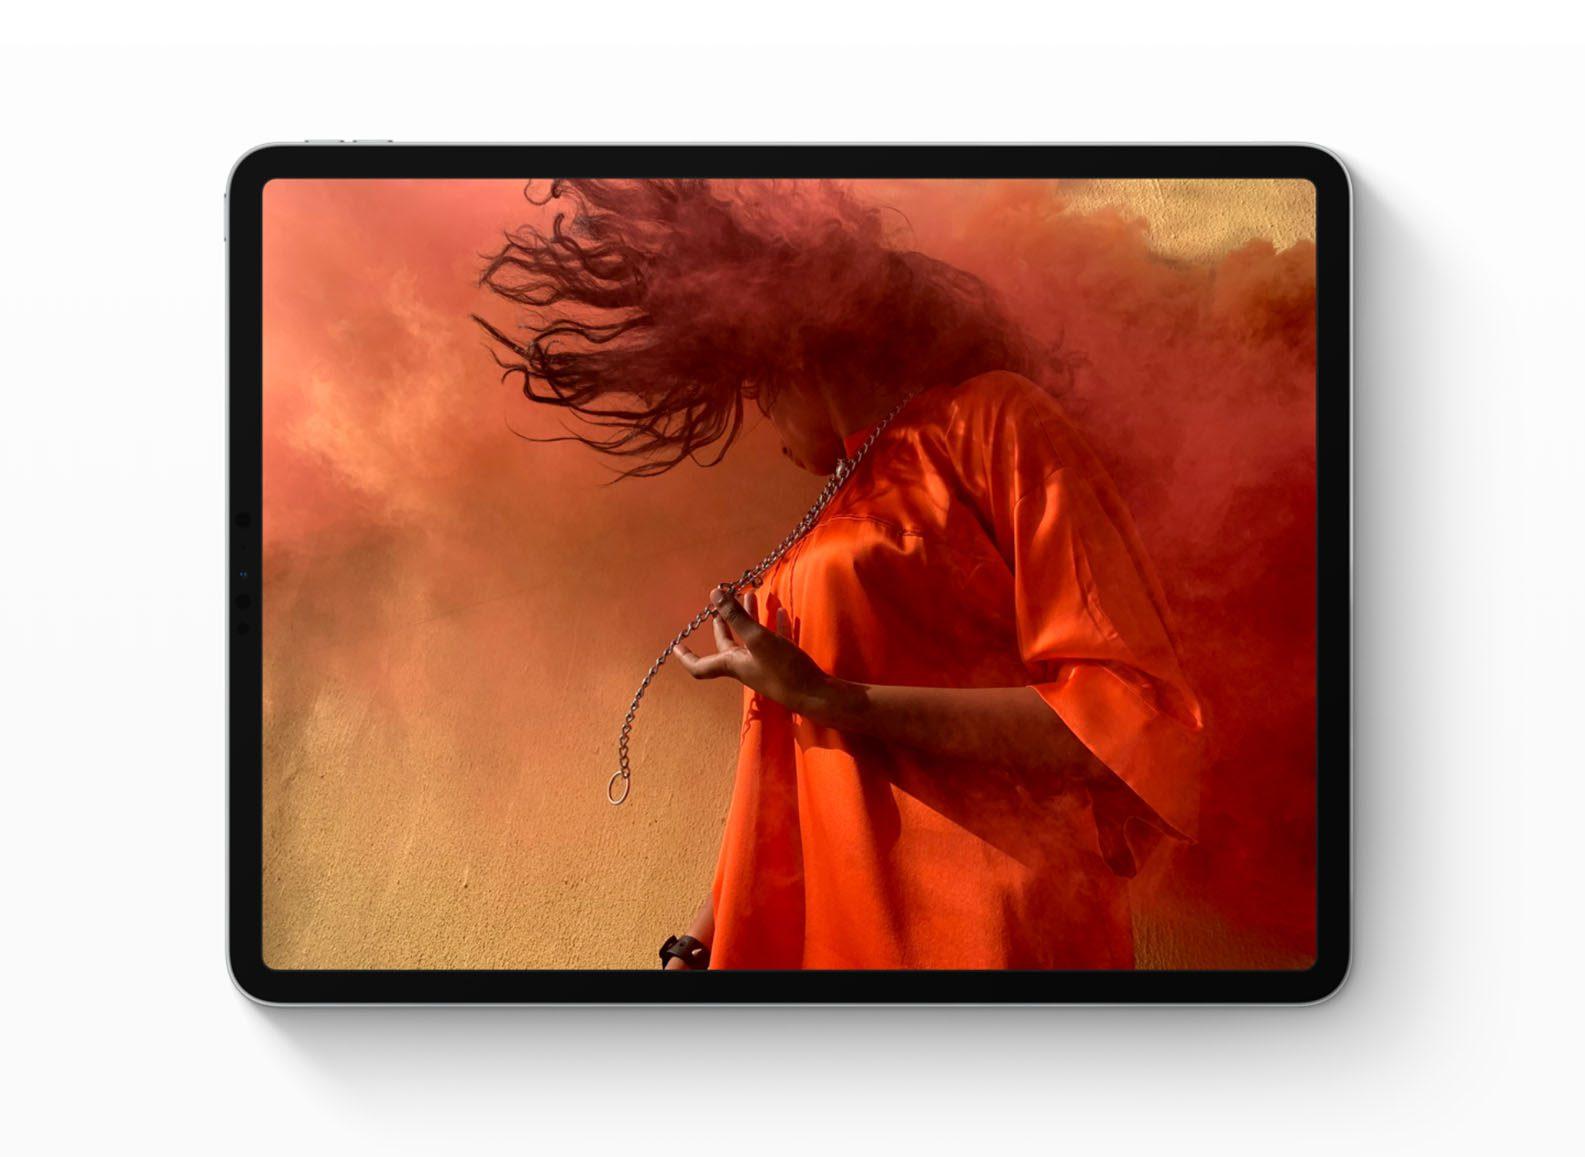 iPad and Tablet Repair in Dubai